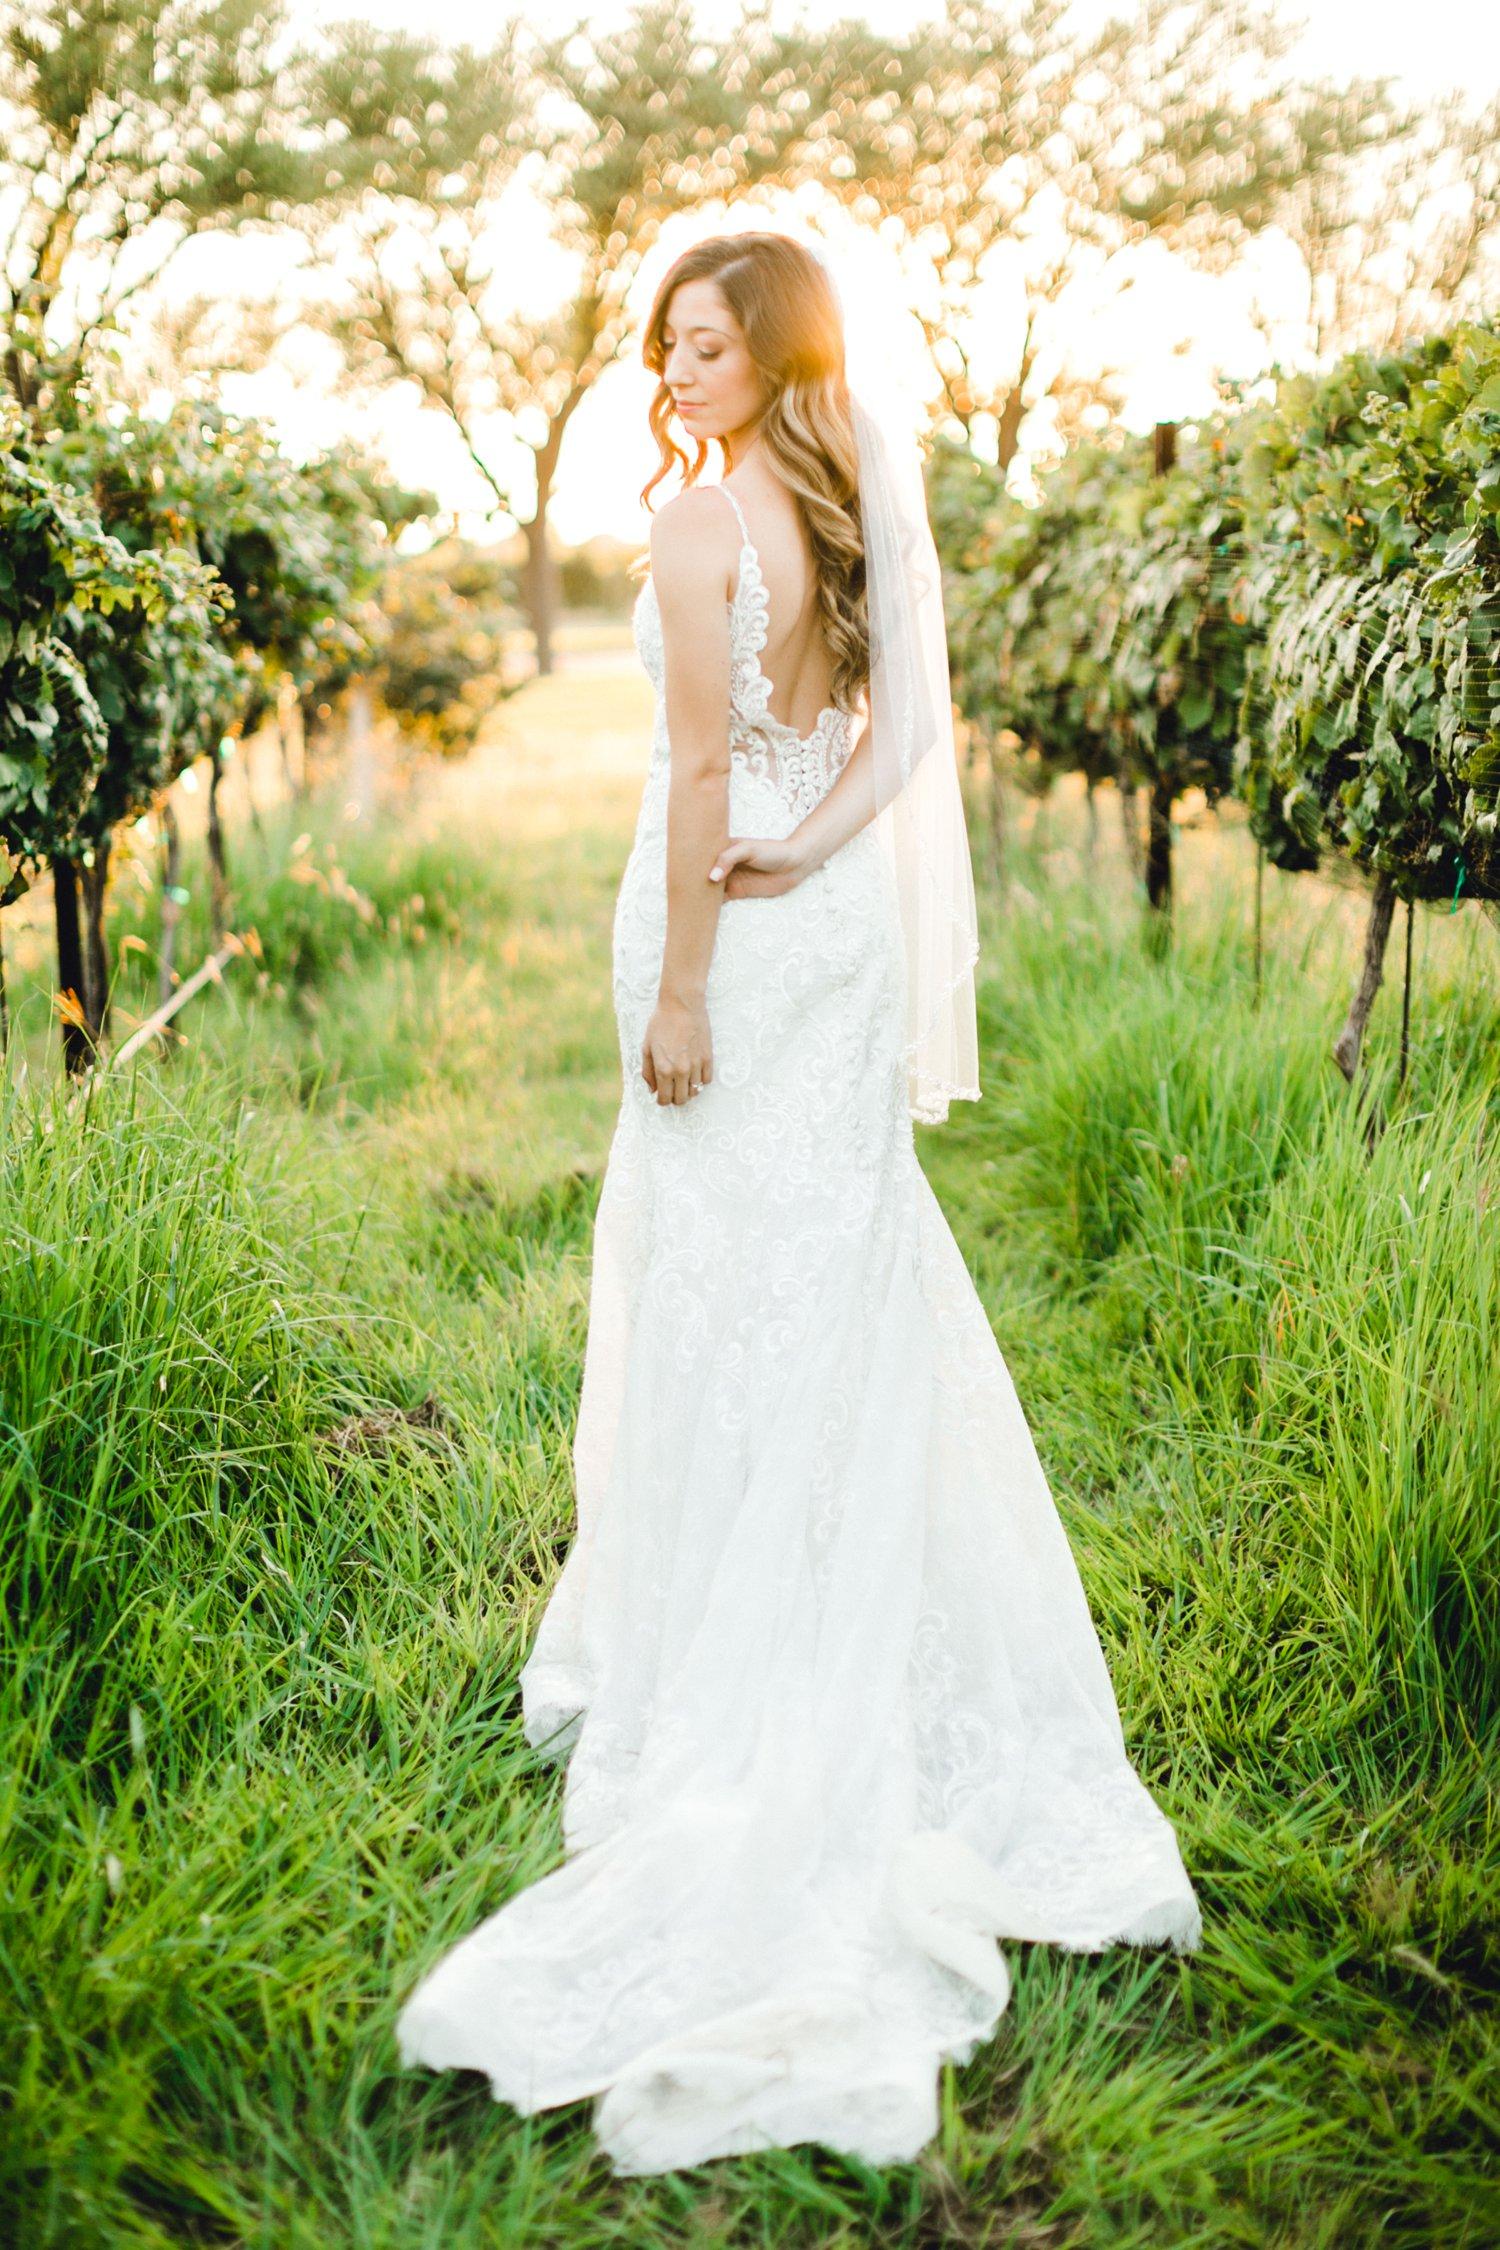 Ashley_Parr_Bridals_ALLEEJ_caprock_winery_romantic_elegant0027.jpg